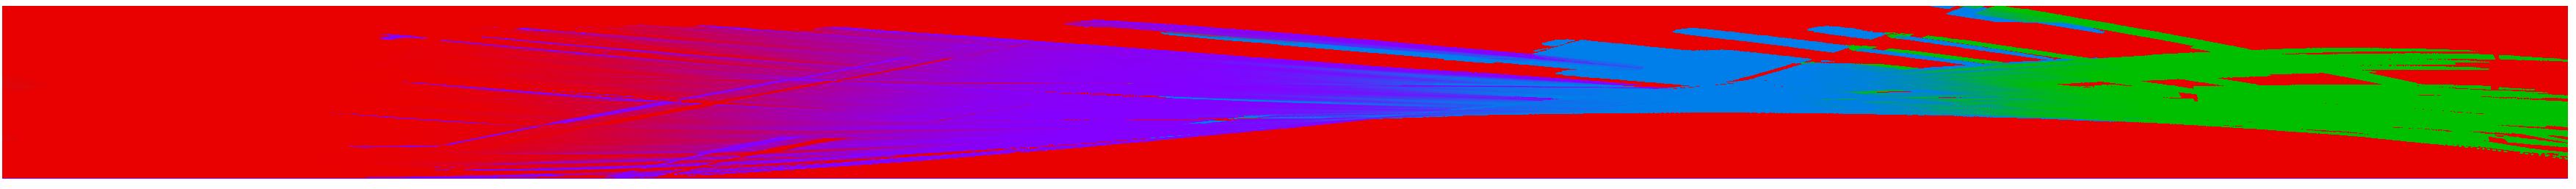 grafika03